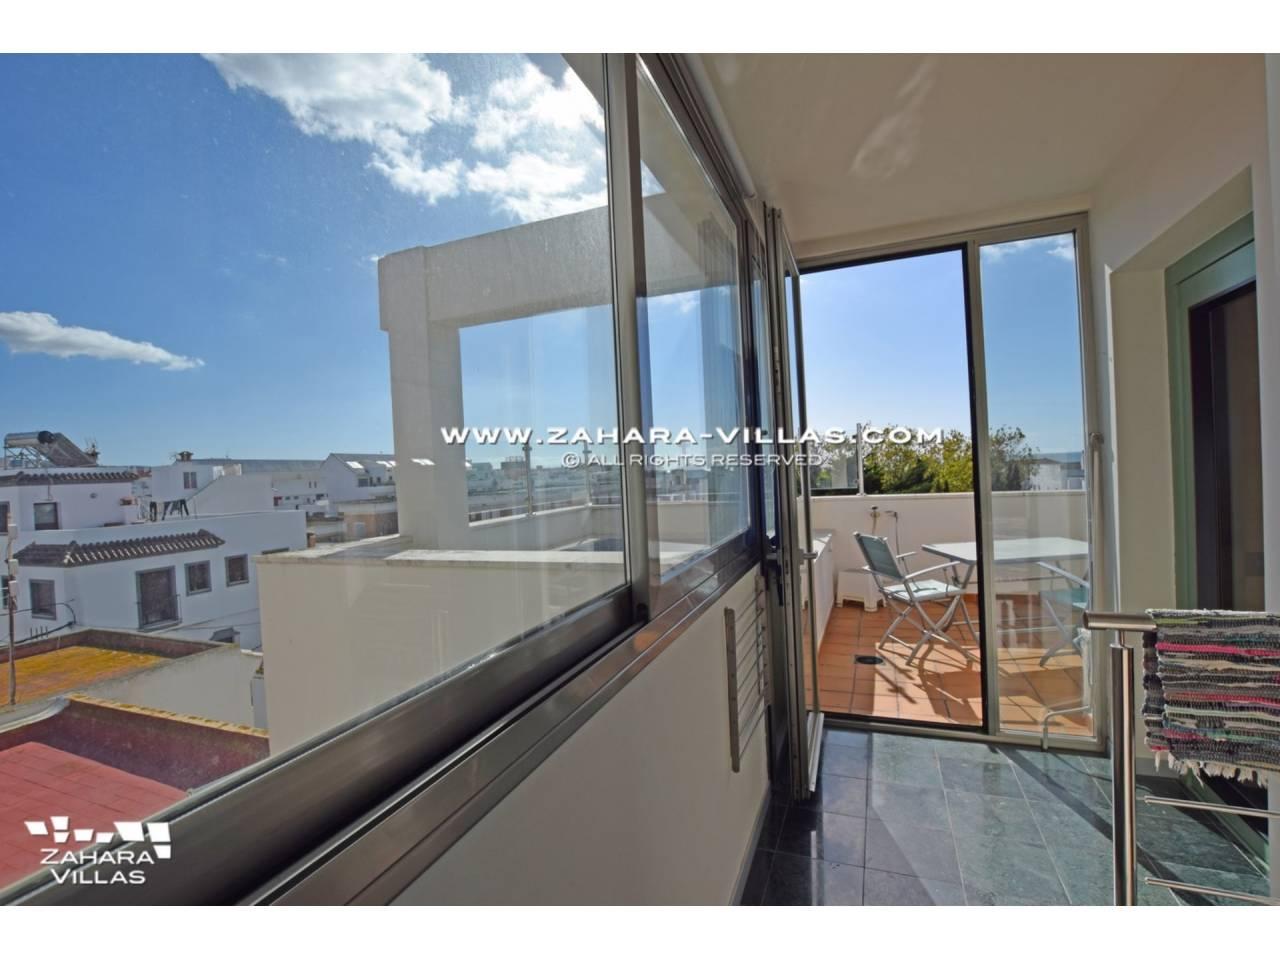 Imagen 6 de House for sale in Zahara de los Atunes